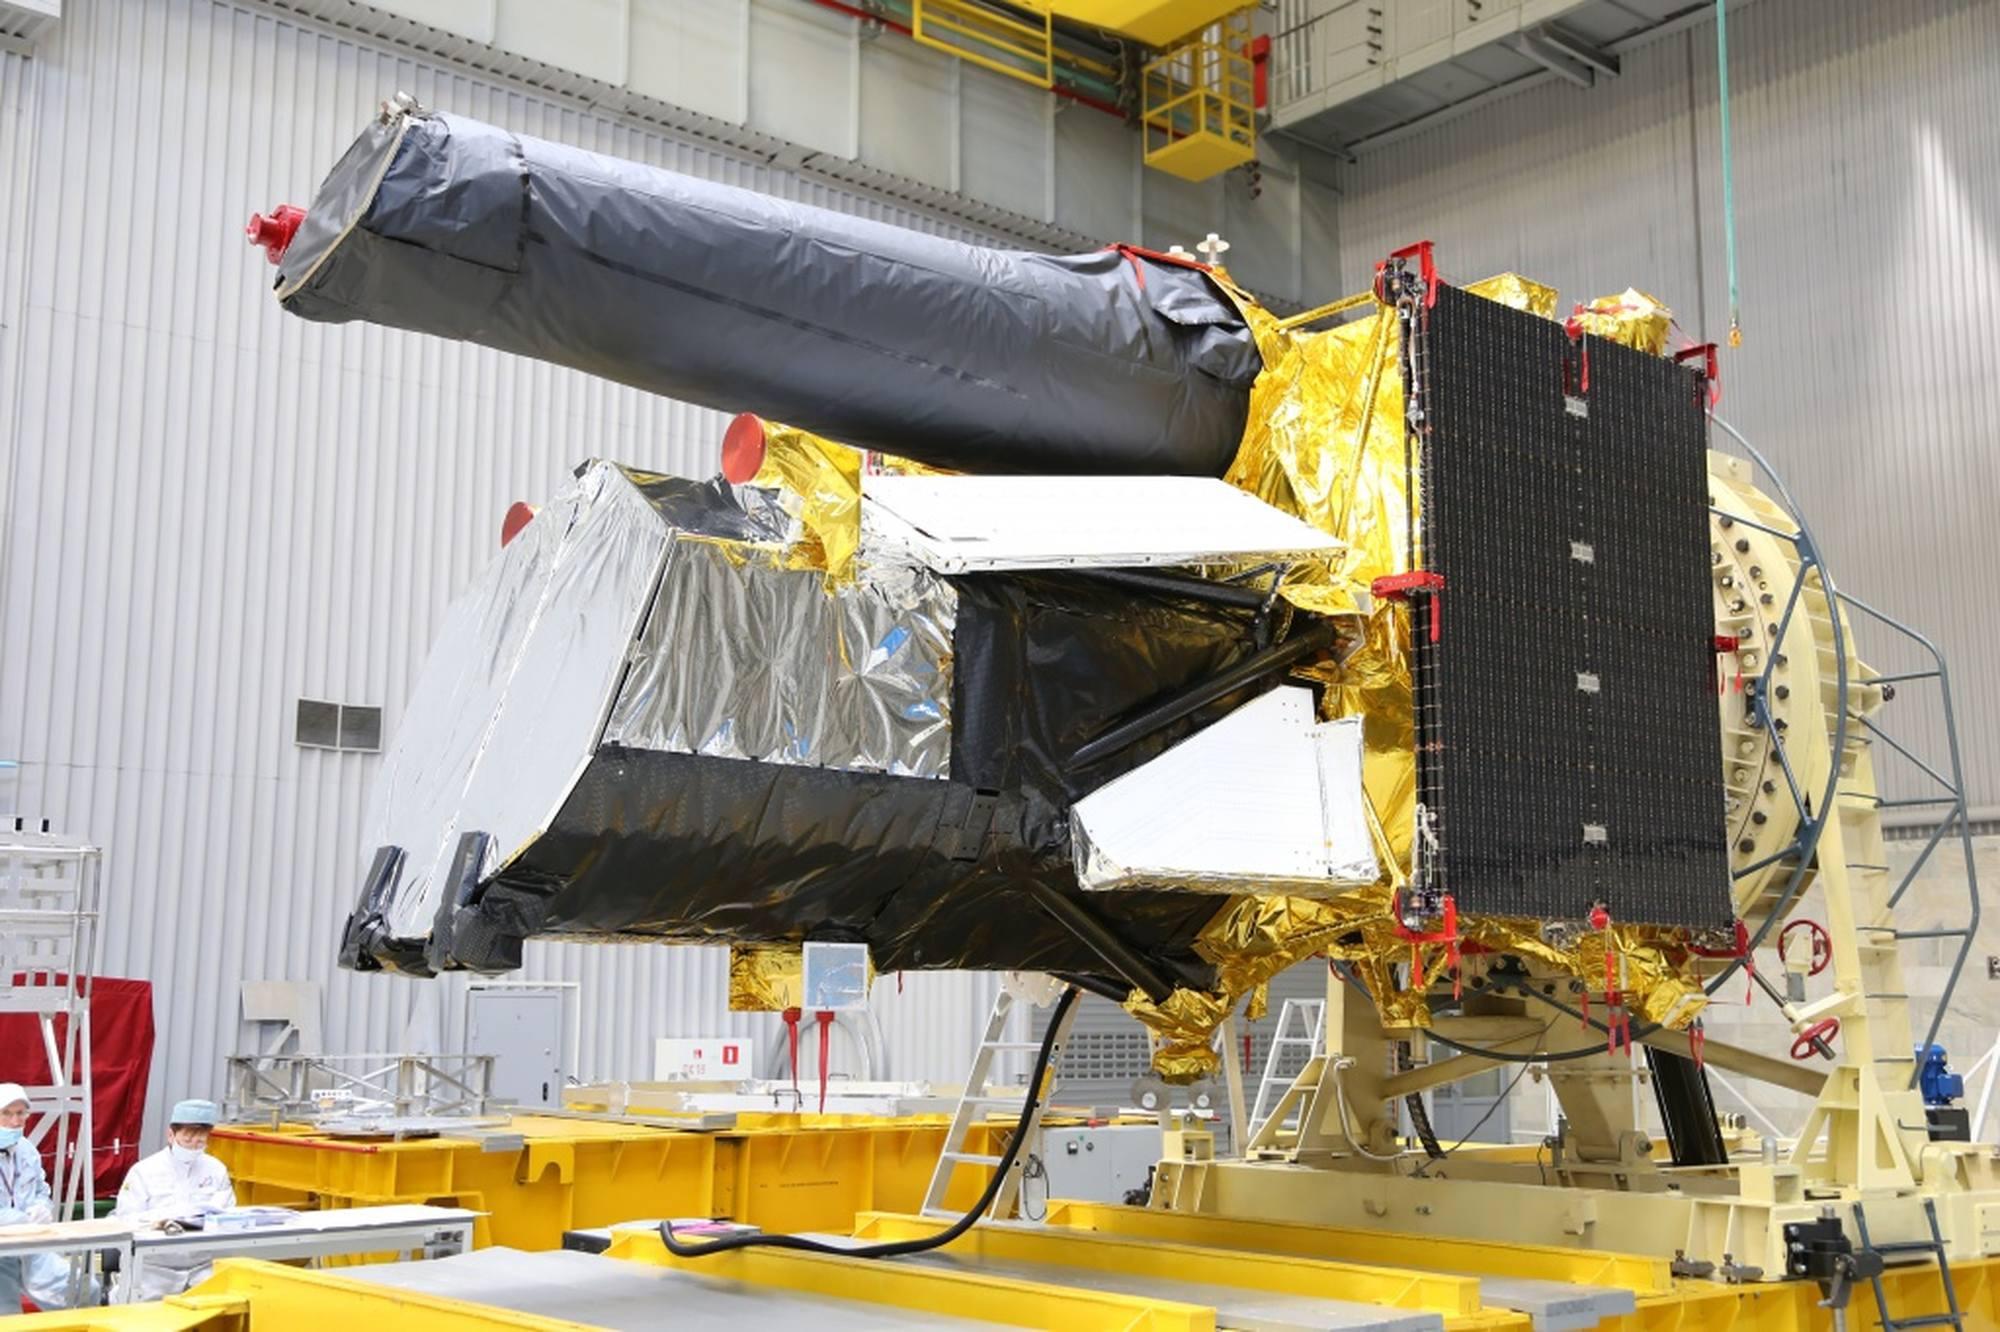 Le télescope spatial Spektr-RG dans les locaux de Lavochkine.